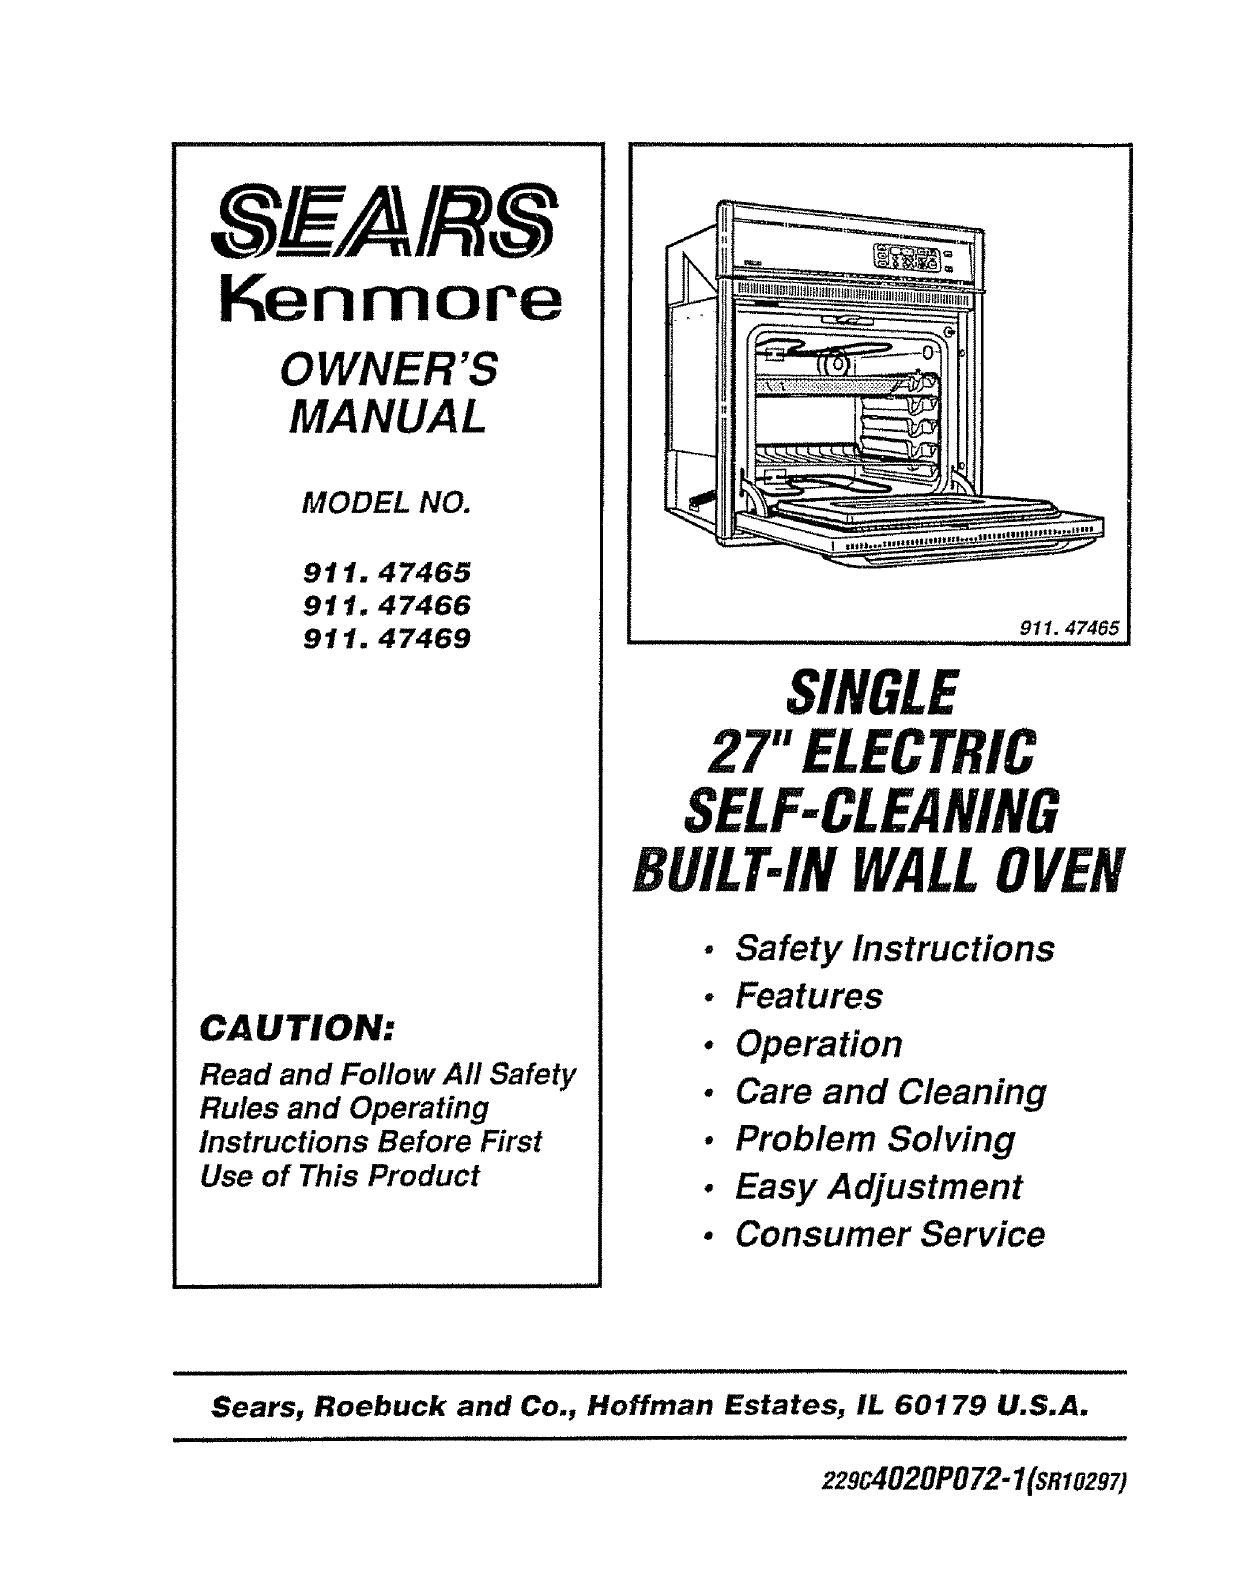 Kenmore Oven: Kenmore Oven Manuals Online